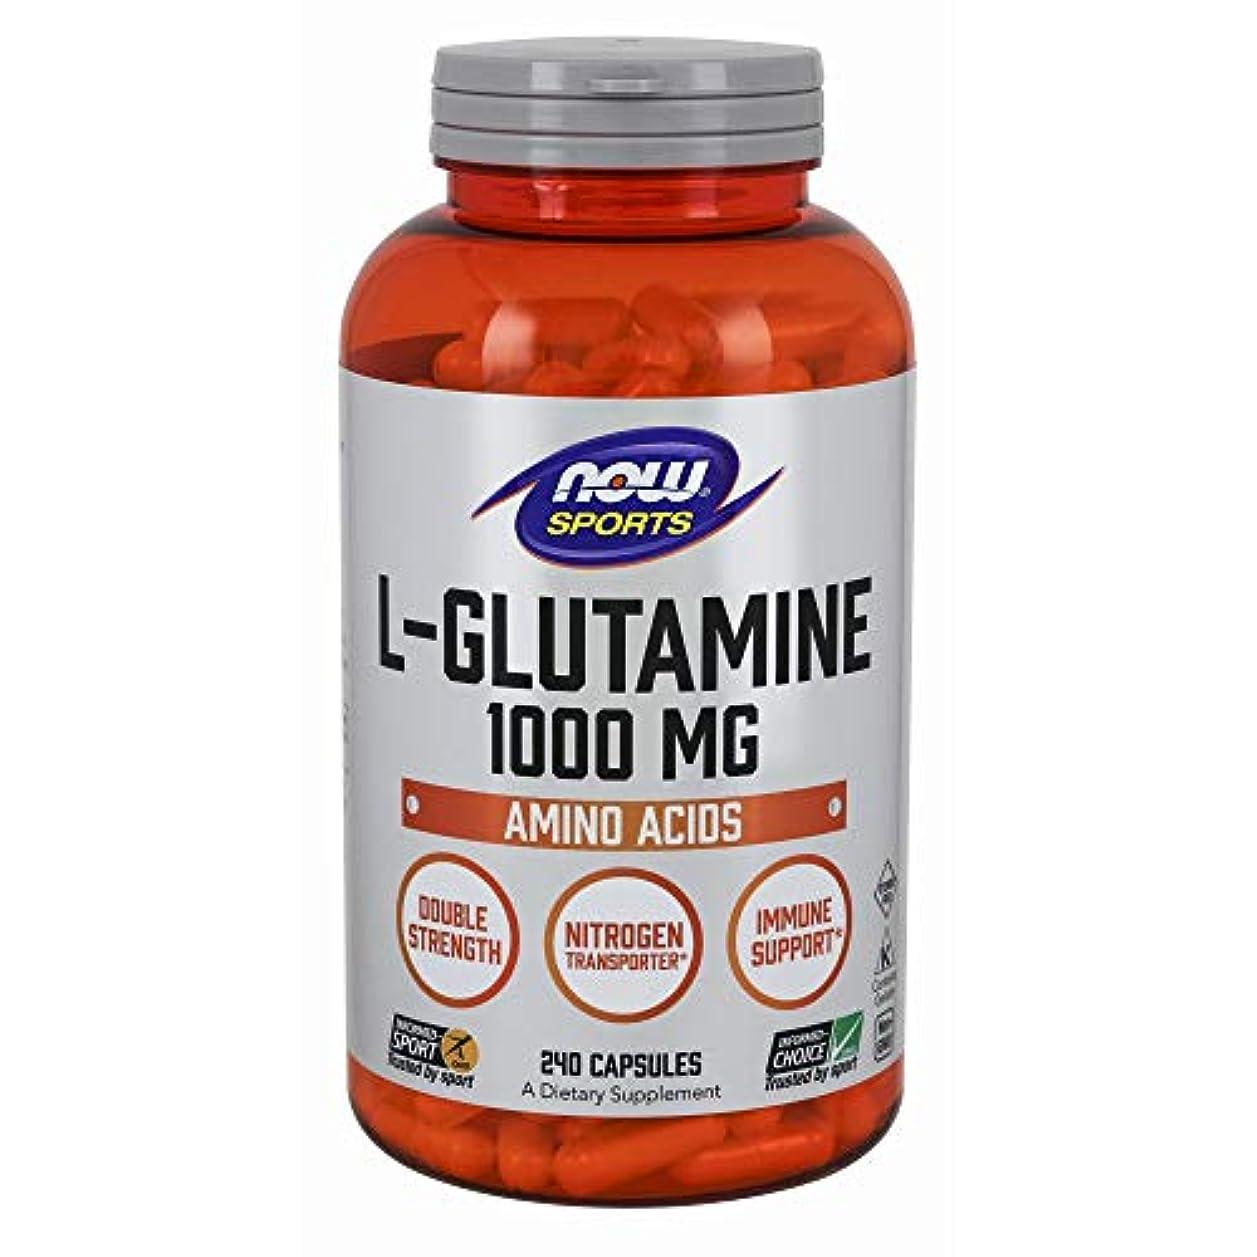 困惑した流行決定する[海外直送品] ナウフーズ  - Lグルタミン 1000 mg。240カプセル